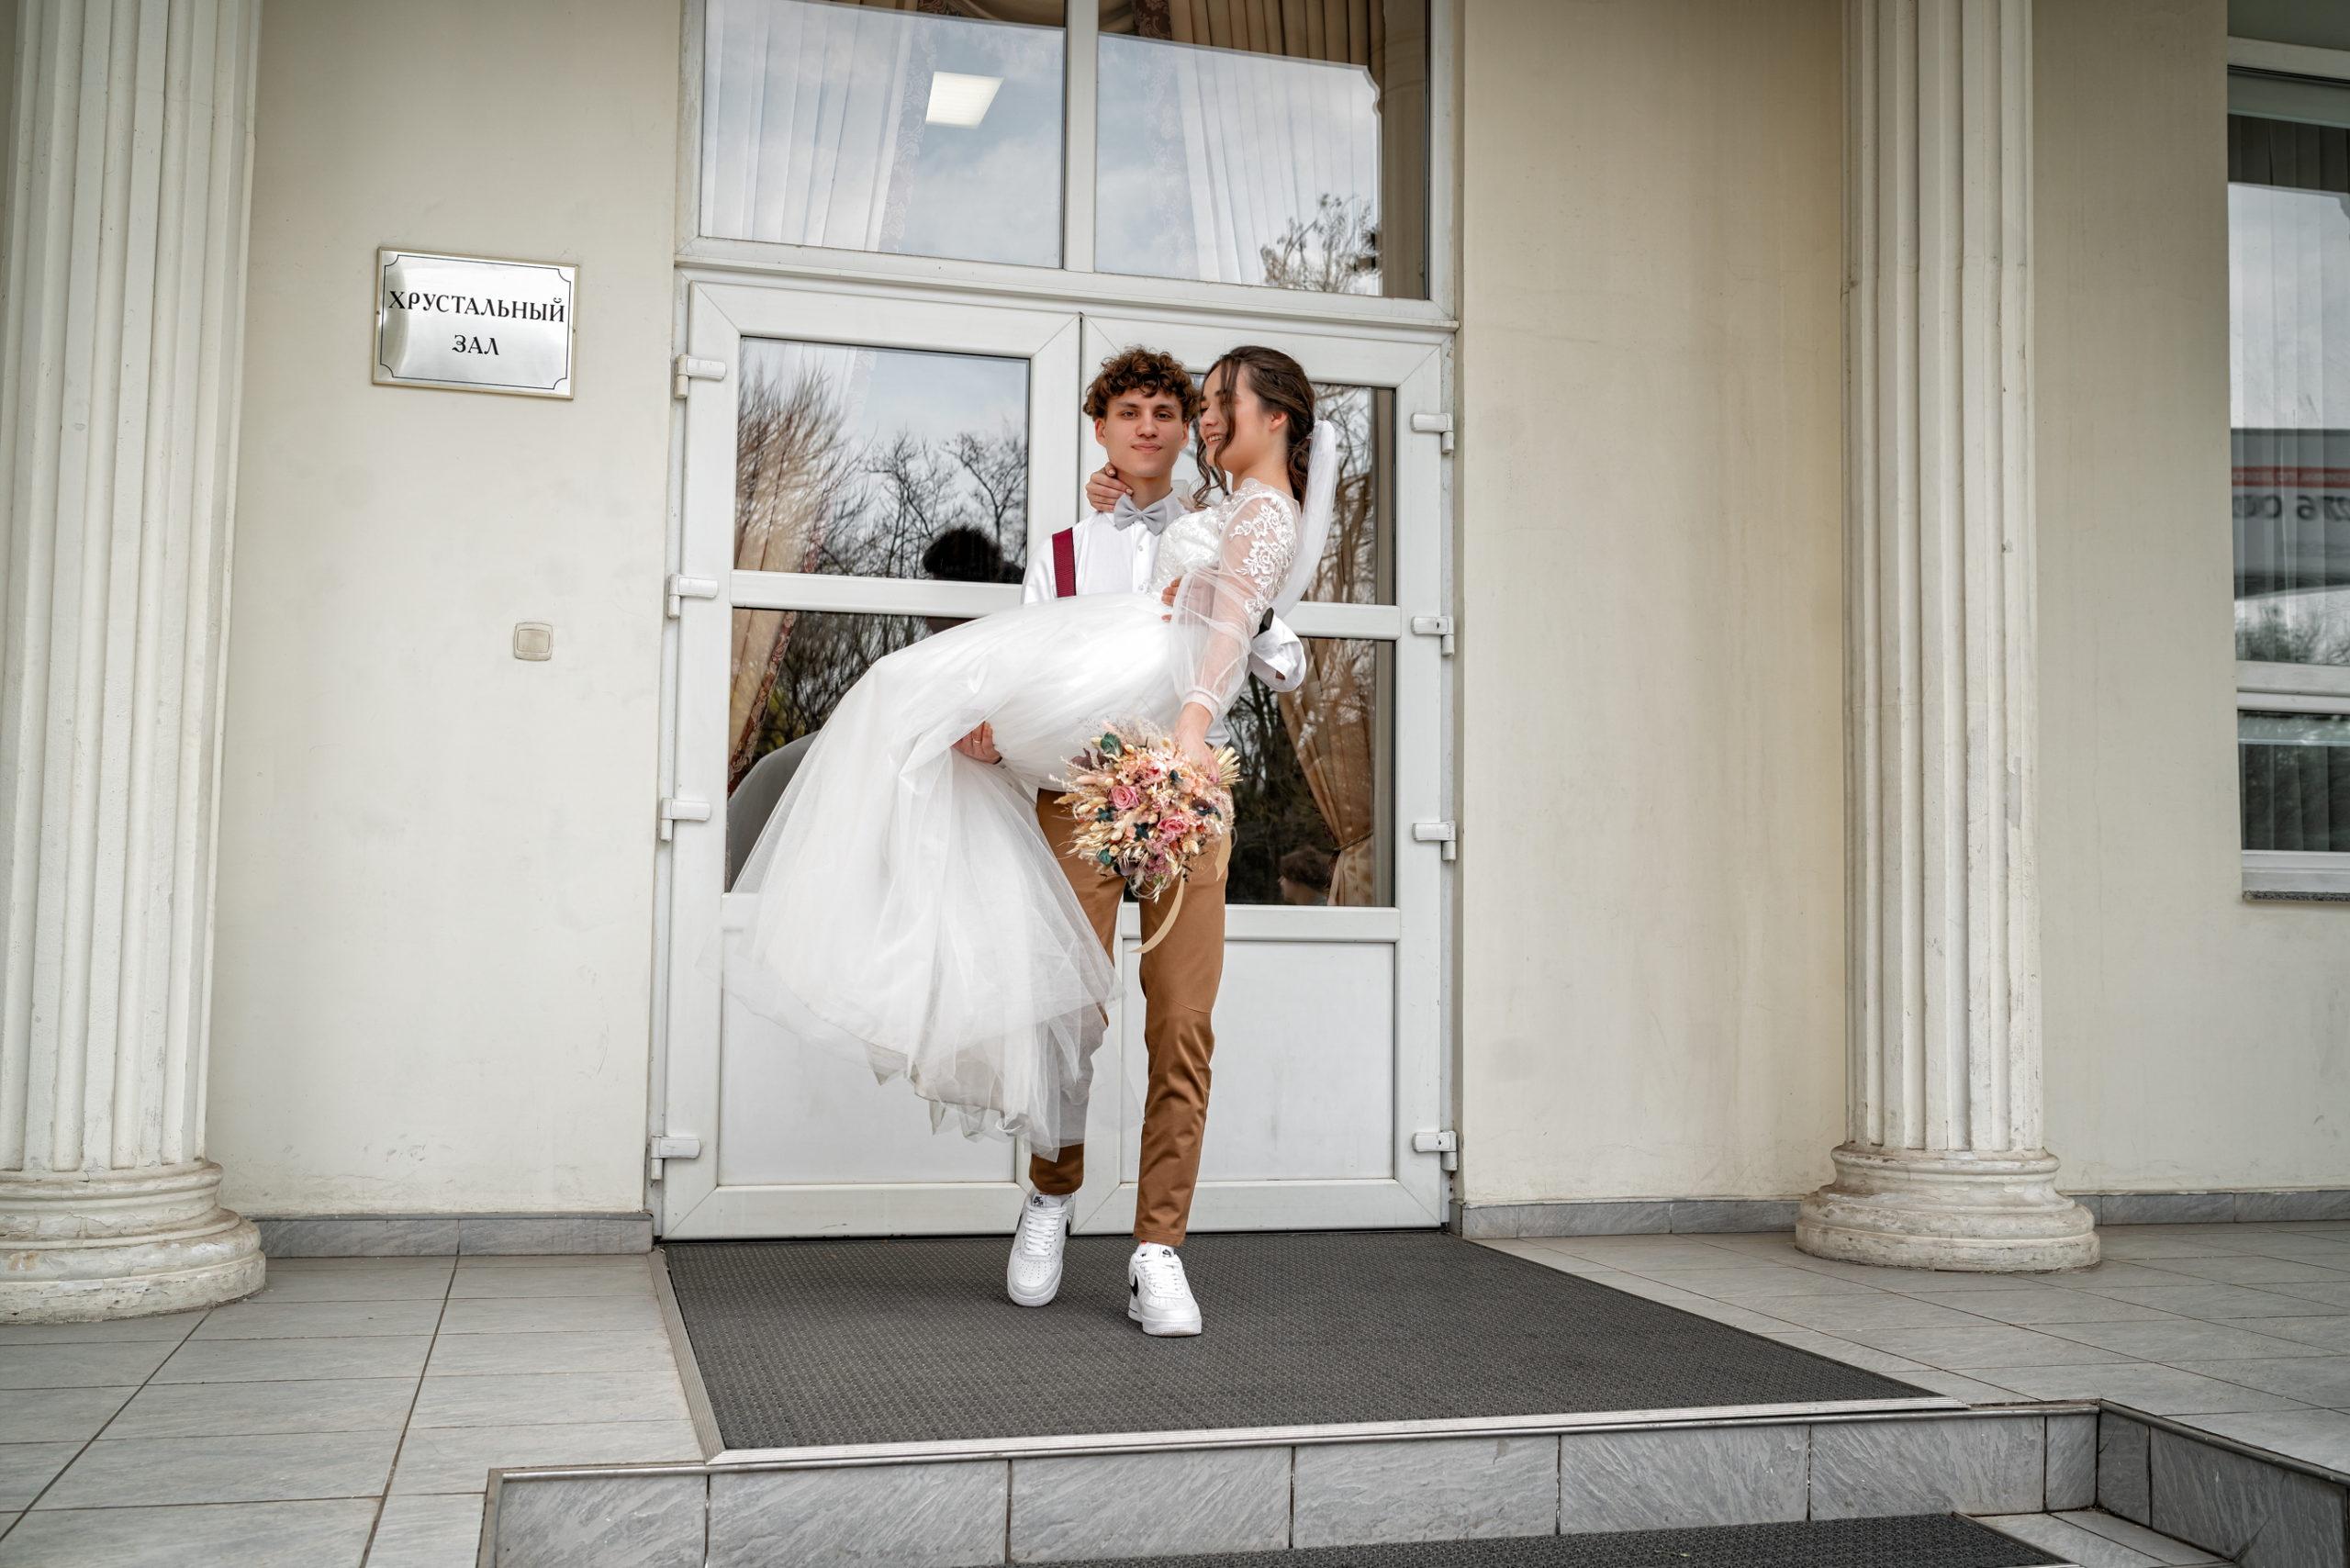 Выход - Малый Хрустальный зал Екатерининского загса свадебные фото